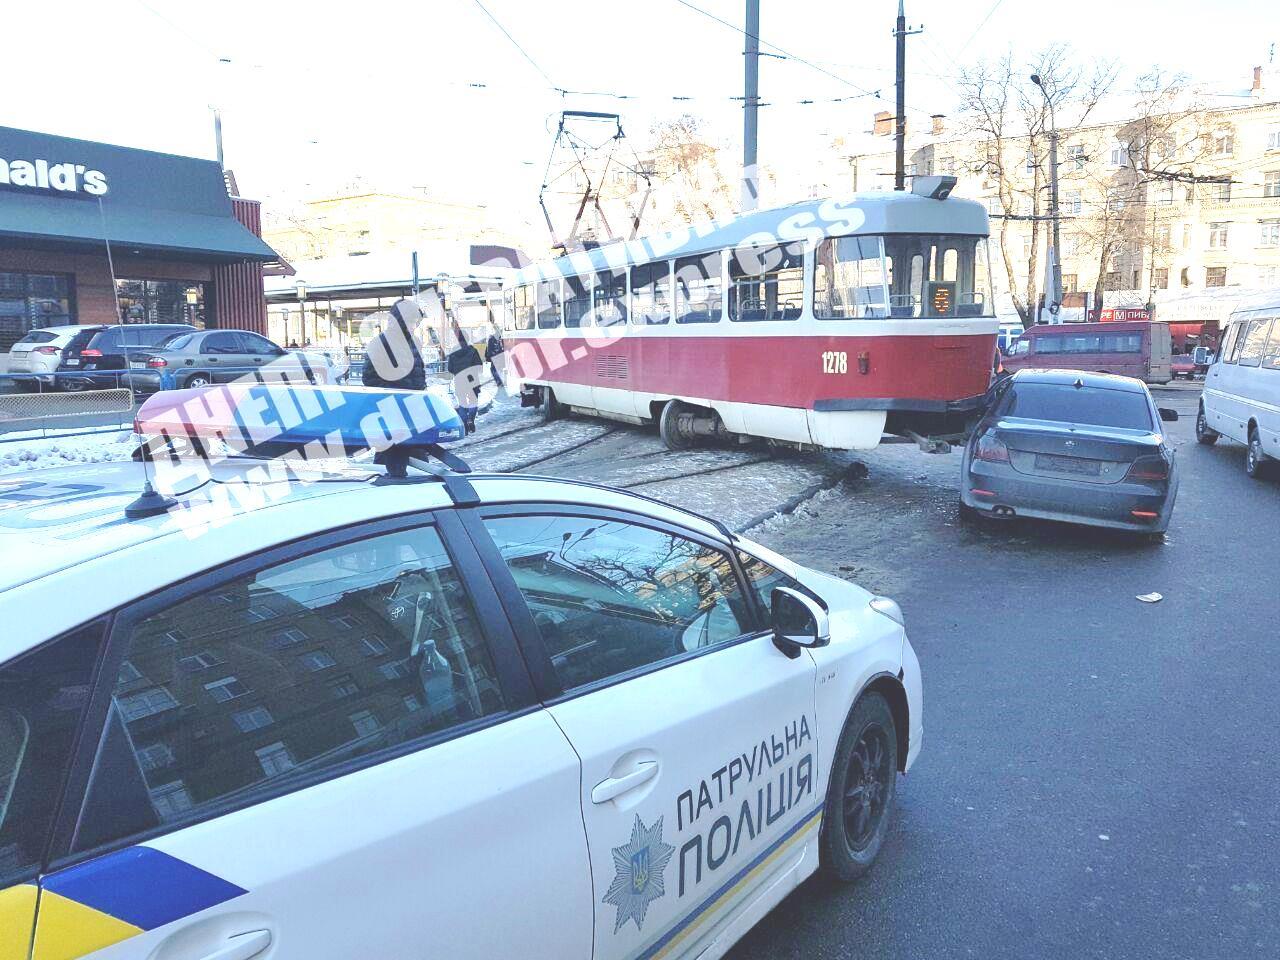 В Днепре трамвай сошел с рельс и врезался в авто: момент ДТП попал на видео. Новости Днепра